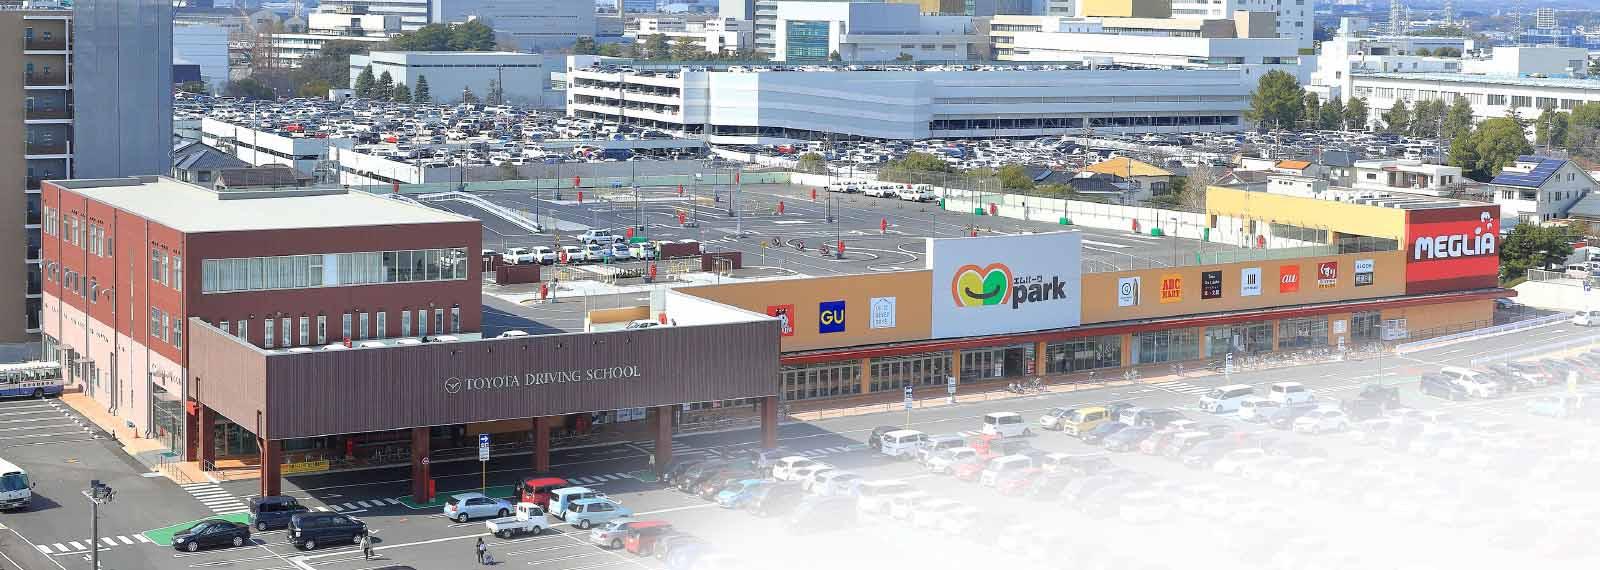 愛知県初の大型複合施設で楽しく通って免許を取ろう!